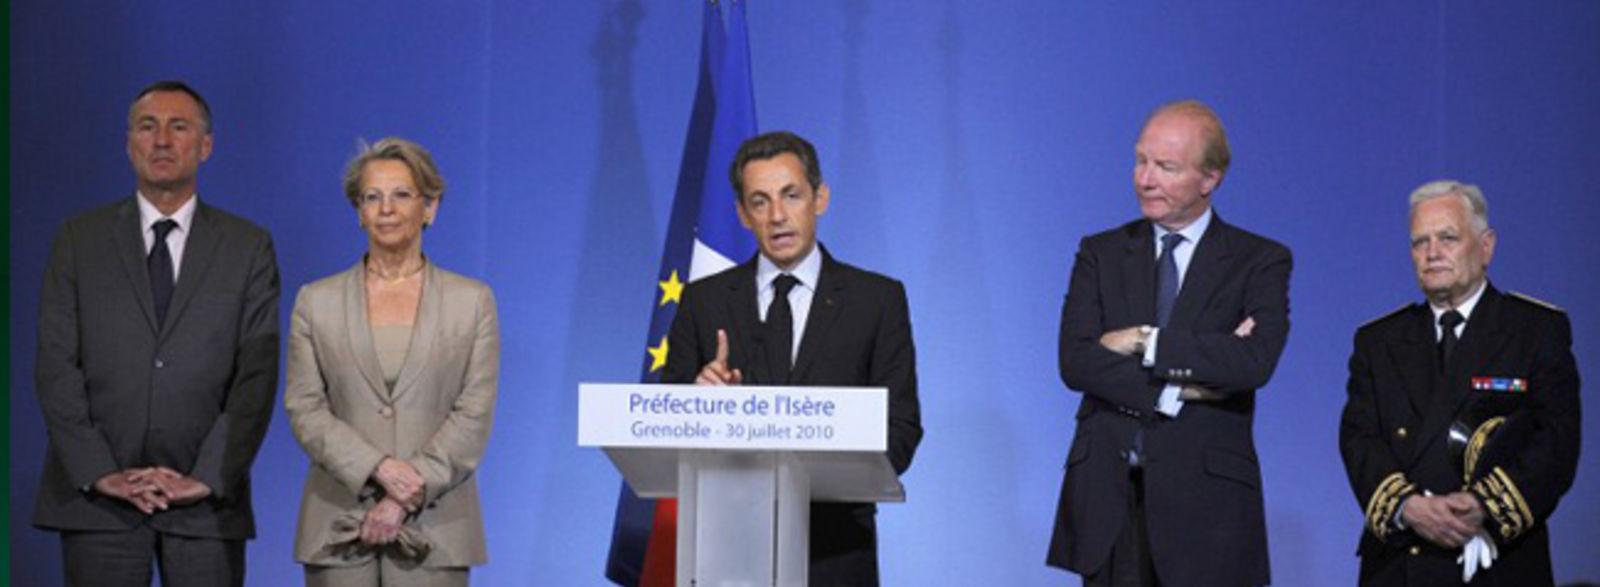 Ils ont imaginé d'autres «discours de Grenoble»